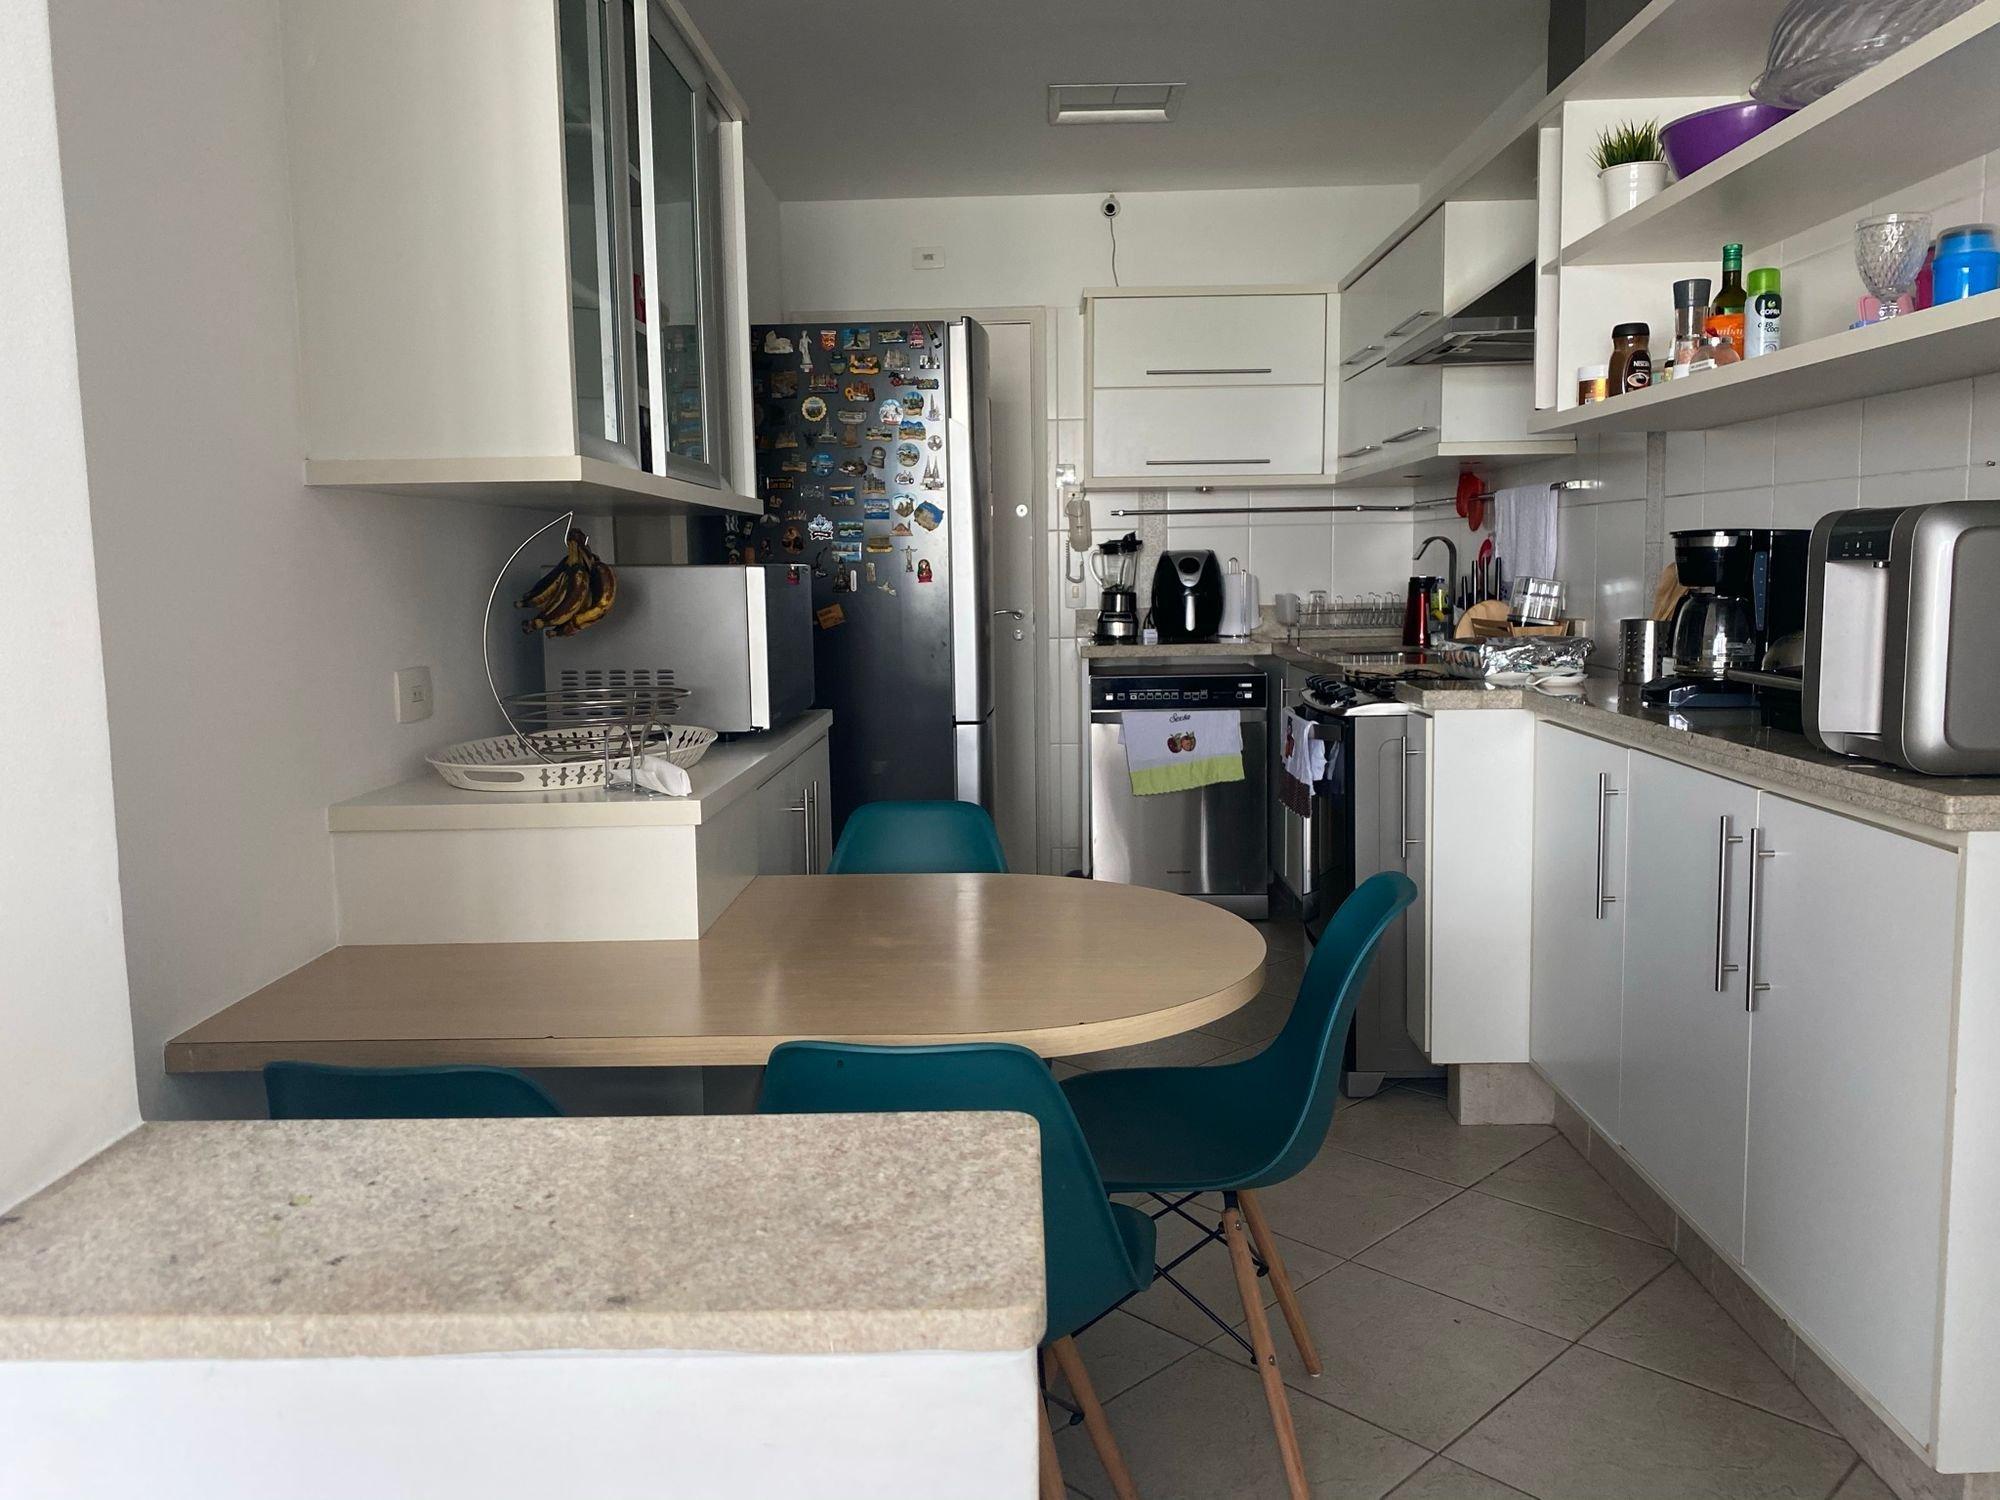 Foto de Cozinha com garrafa, forno, tigela, geladeira, cadeira, mesa de jantar